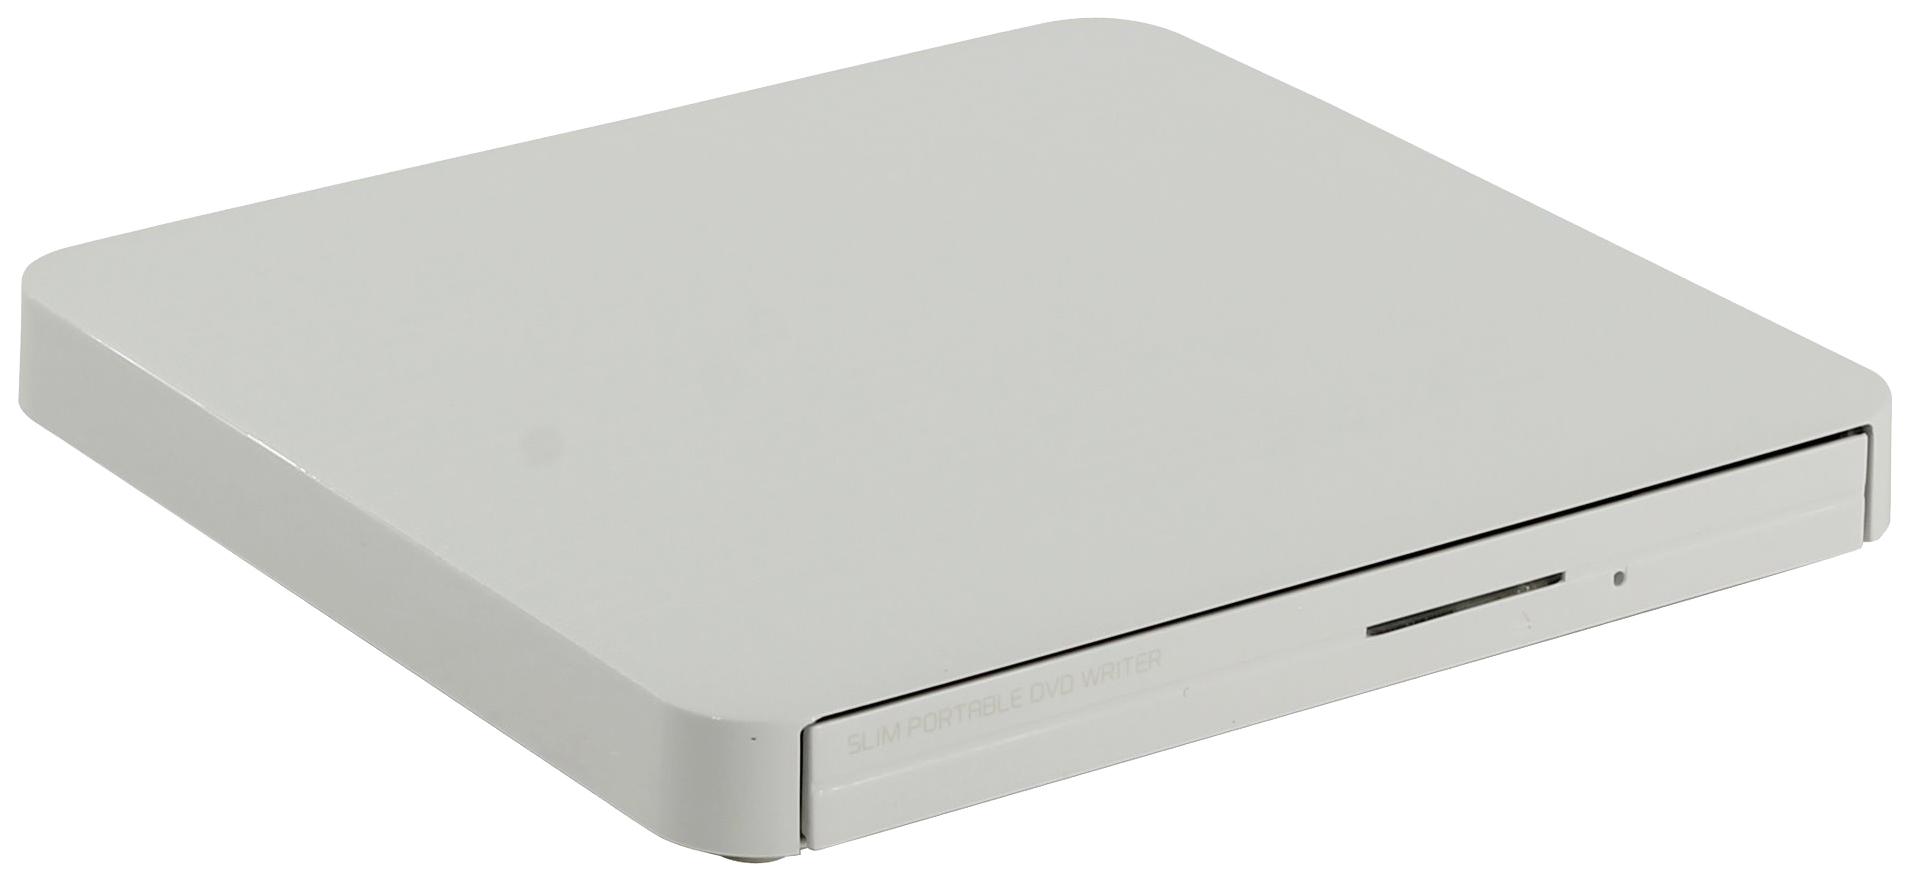 Привод LG GP50NW41 Slim White